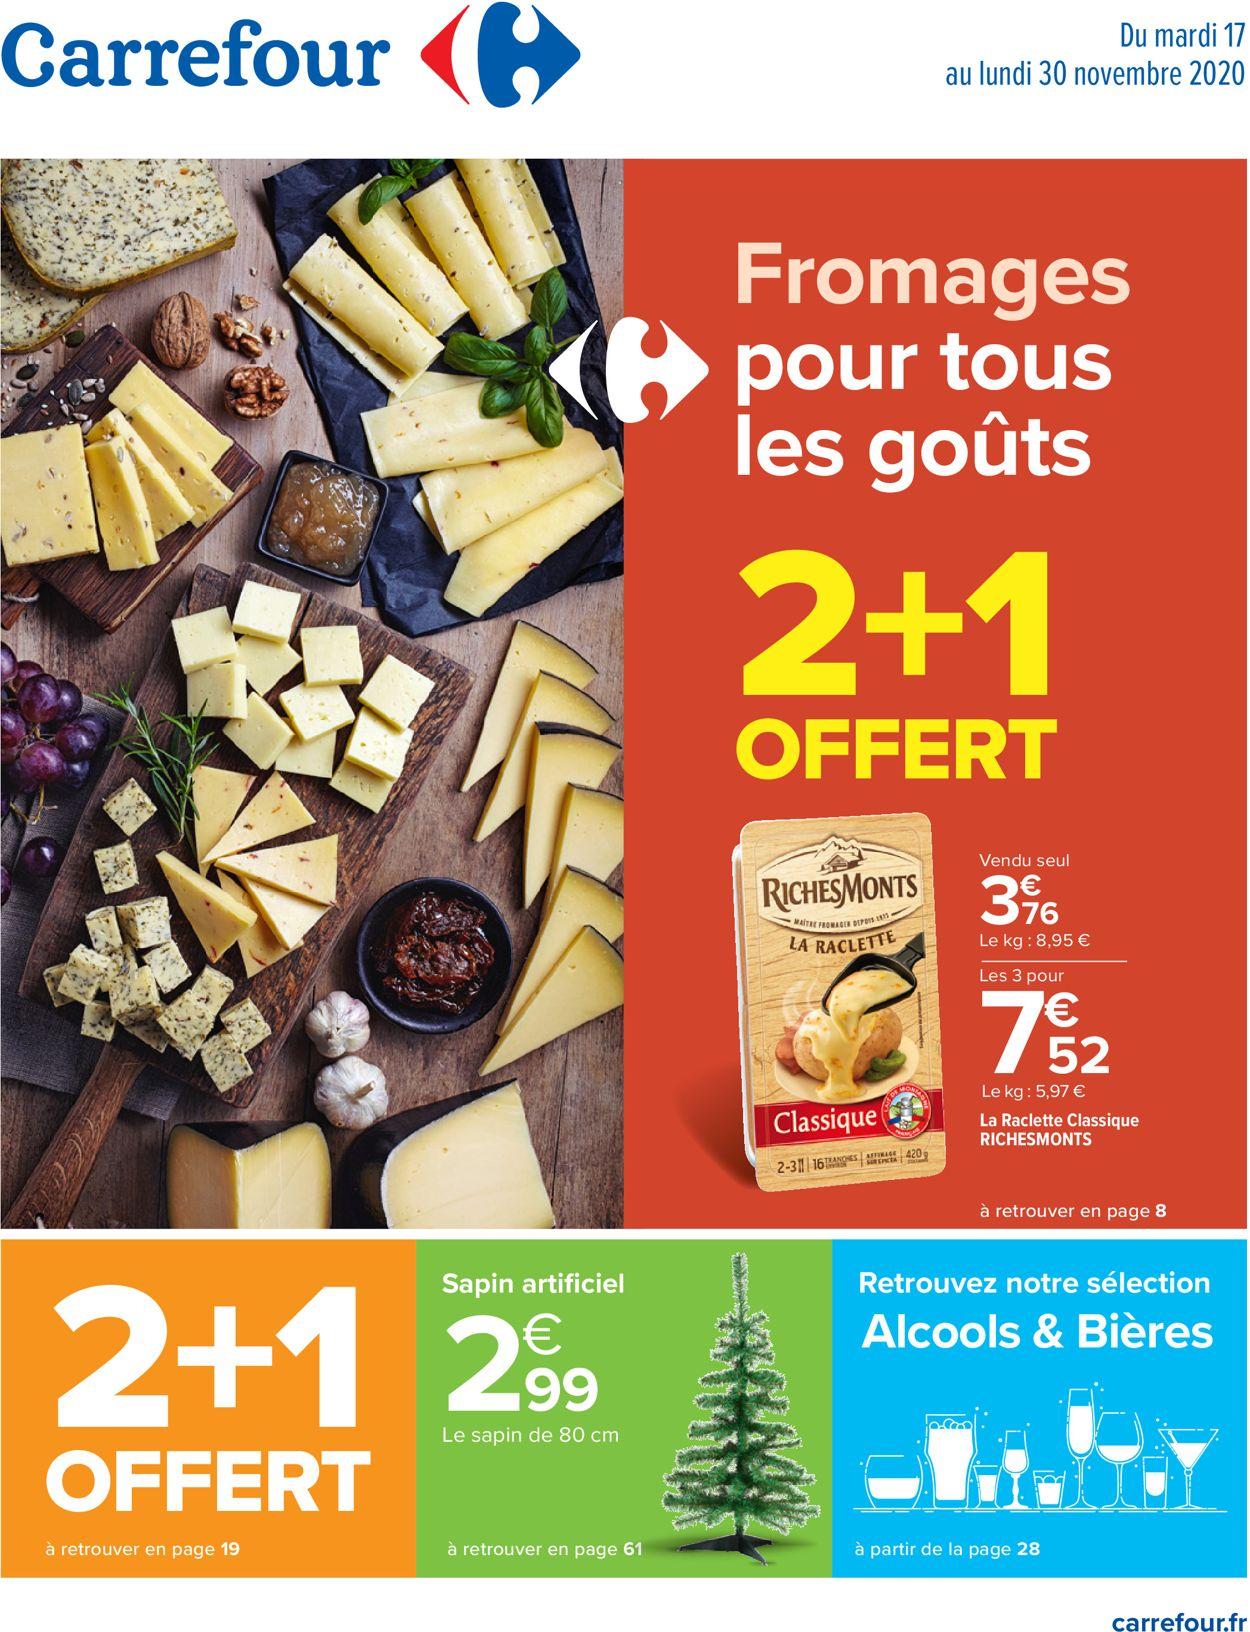 Carrefour Catalogue - 17.11-30.11.2020